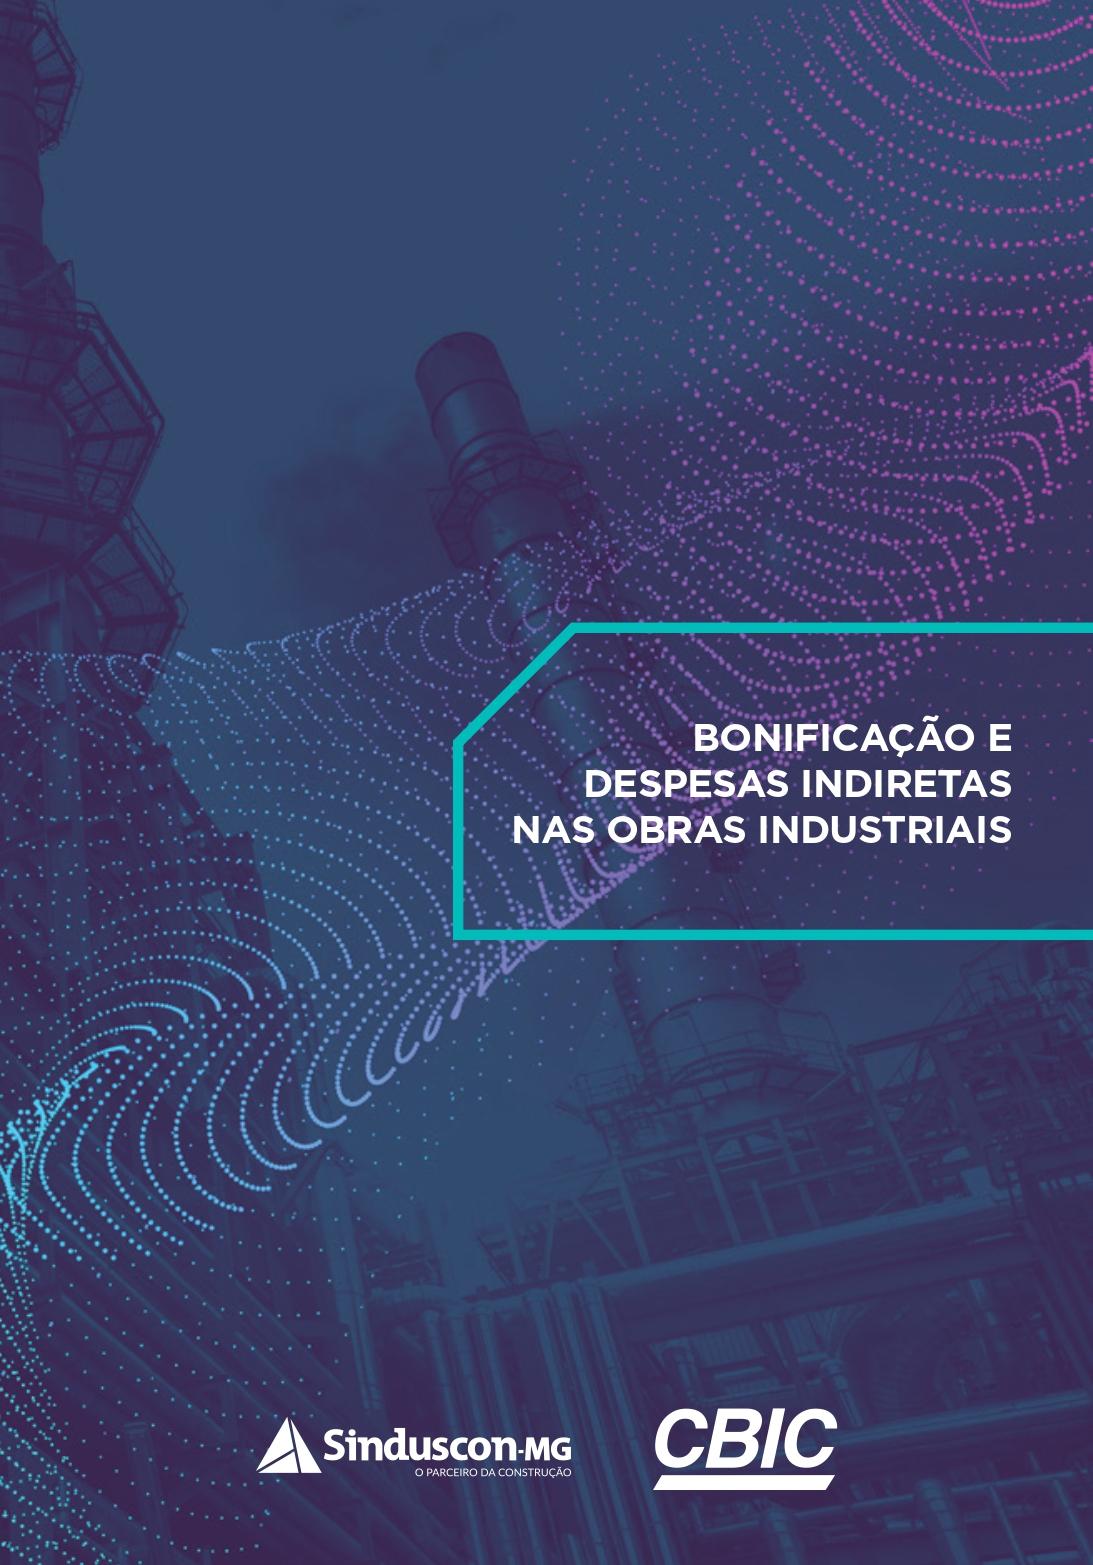 CBIC - Guia BDI - Capa